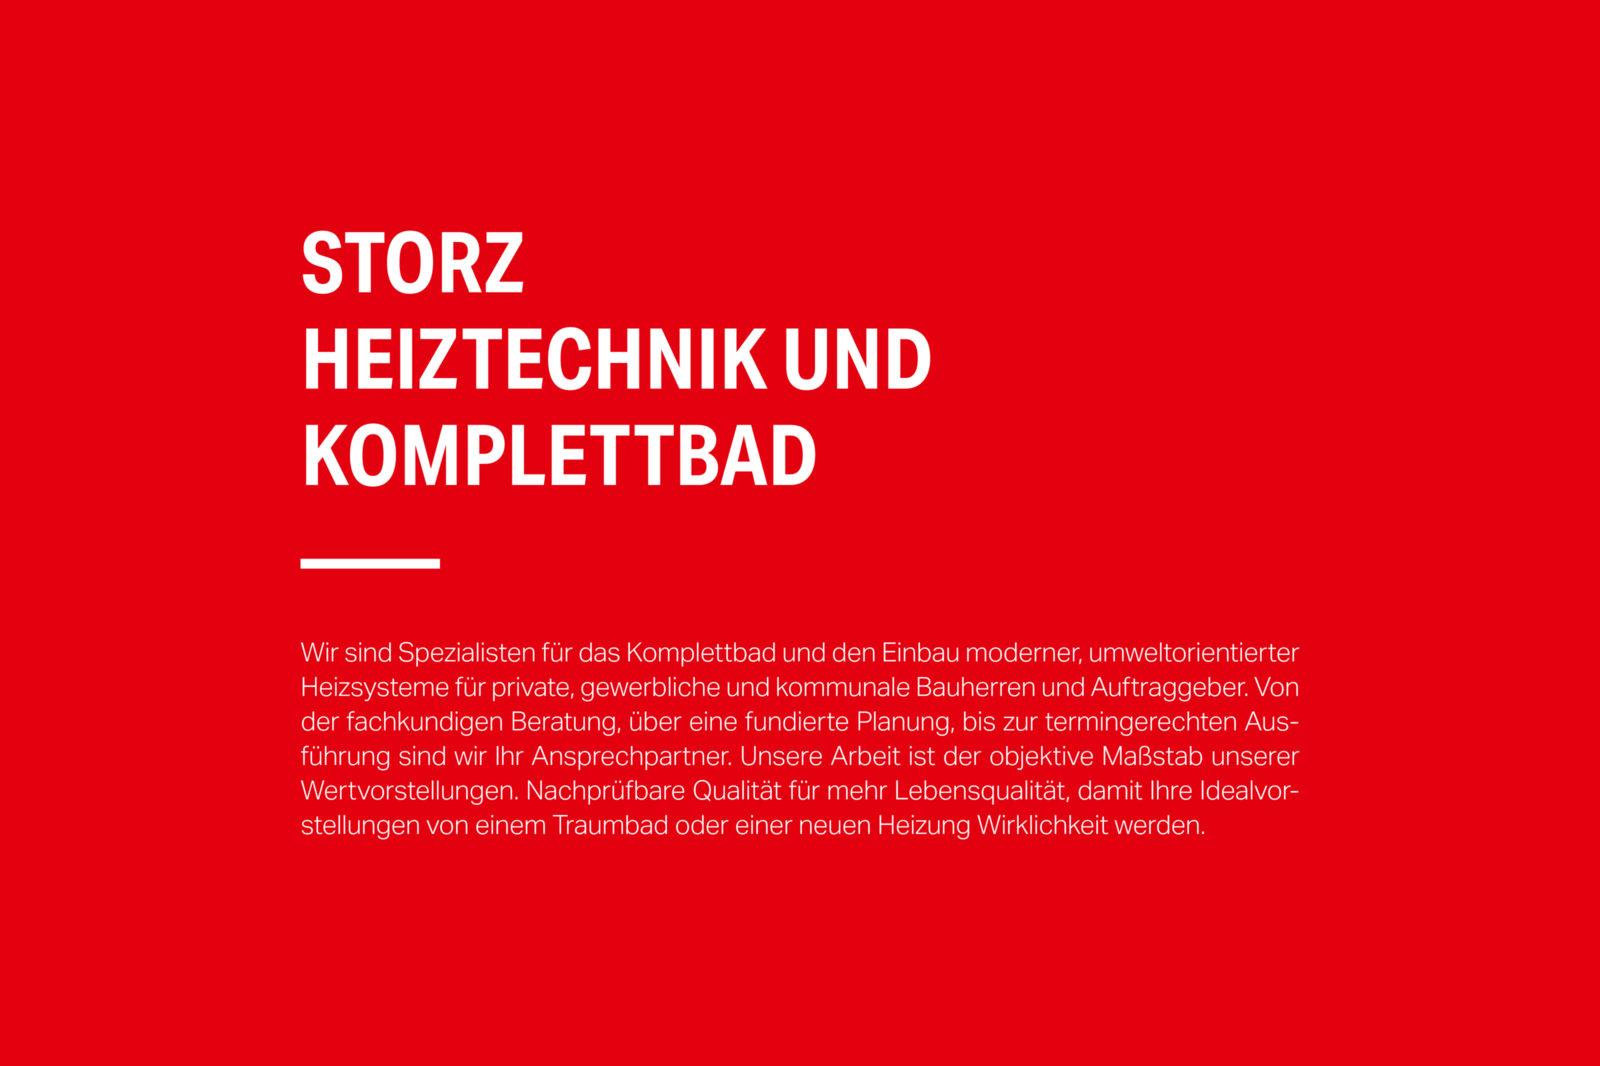 Storz Heiztechnik Schrift